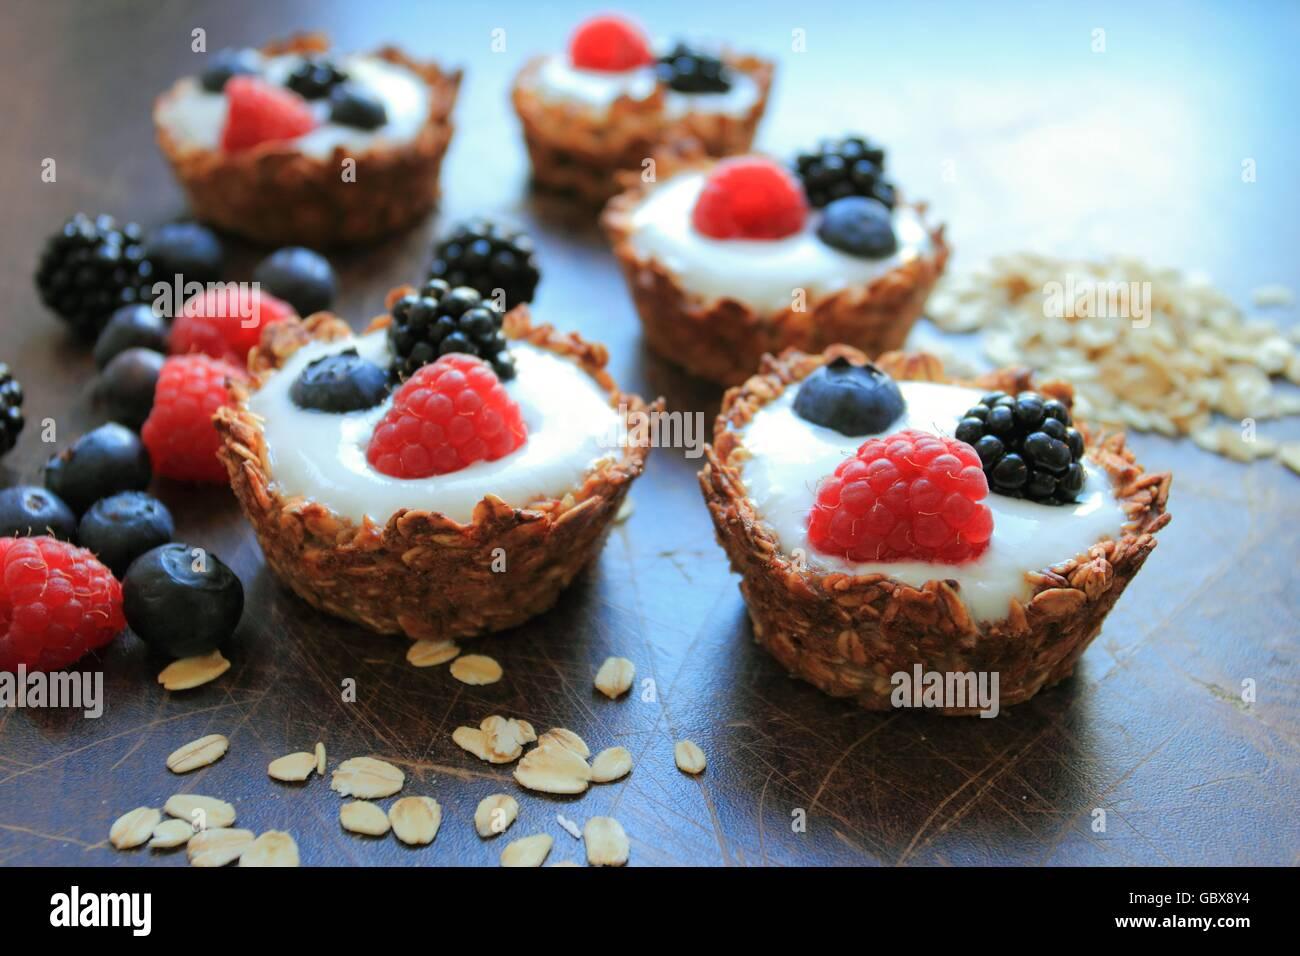 Tartes faites maison avec des fruits et des céréales d'avoine Photo Stock